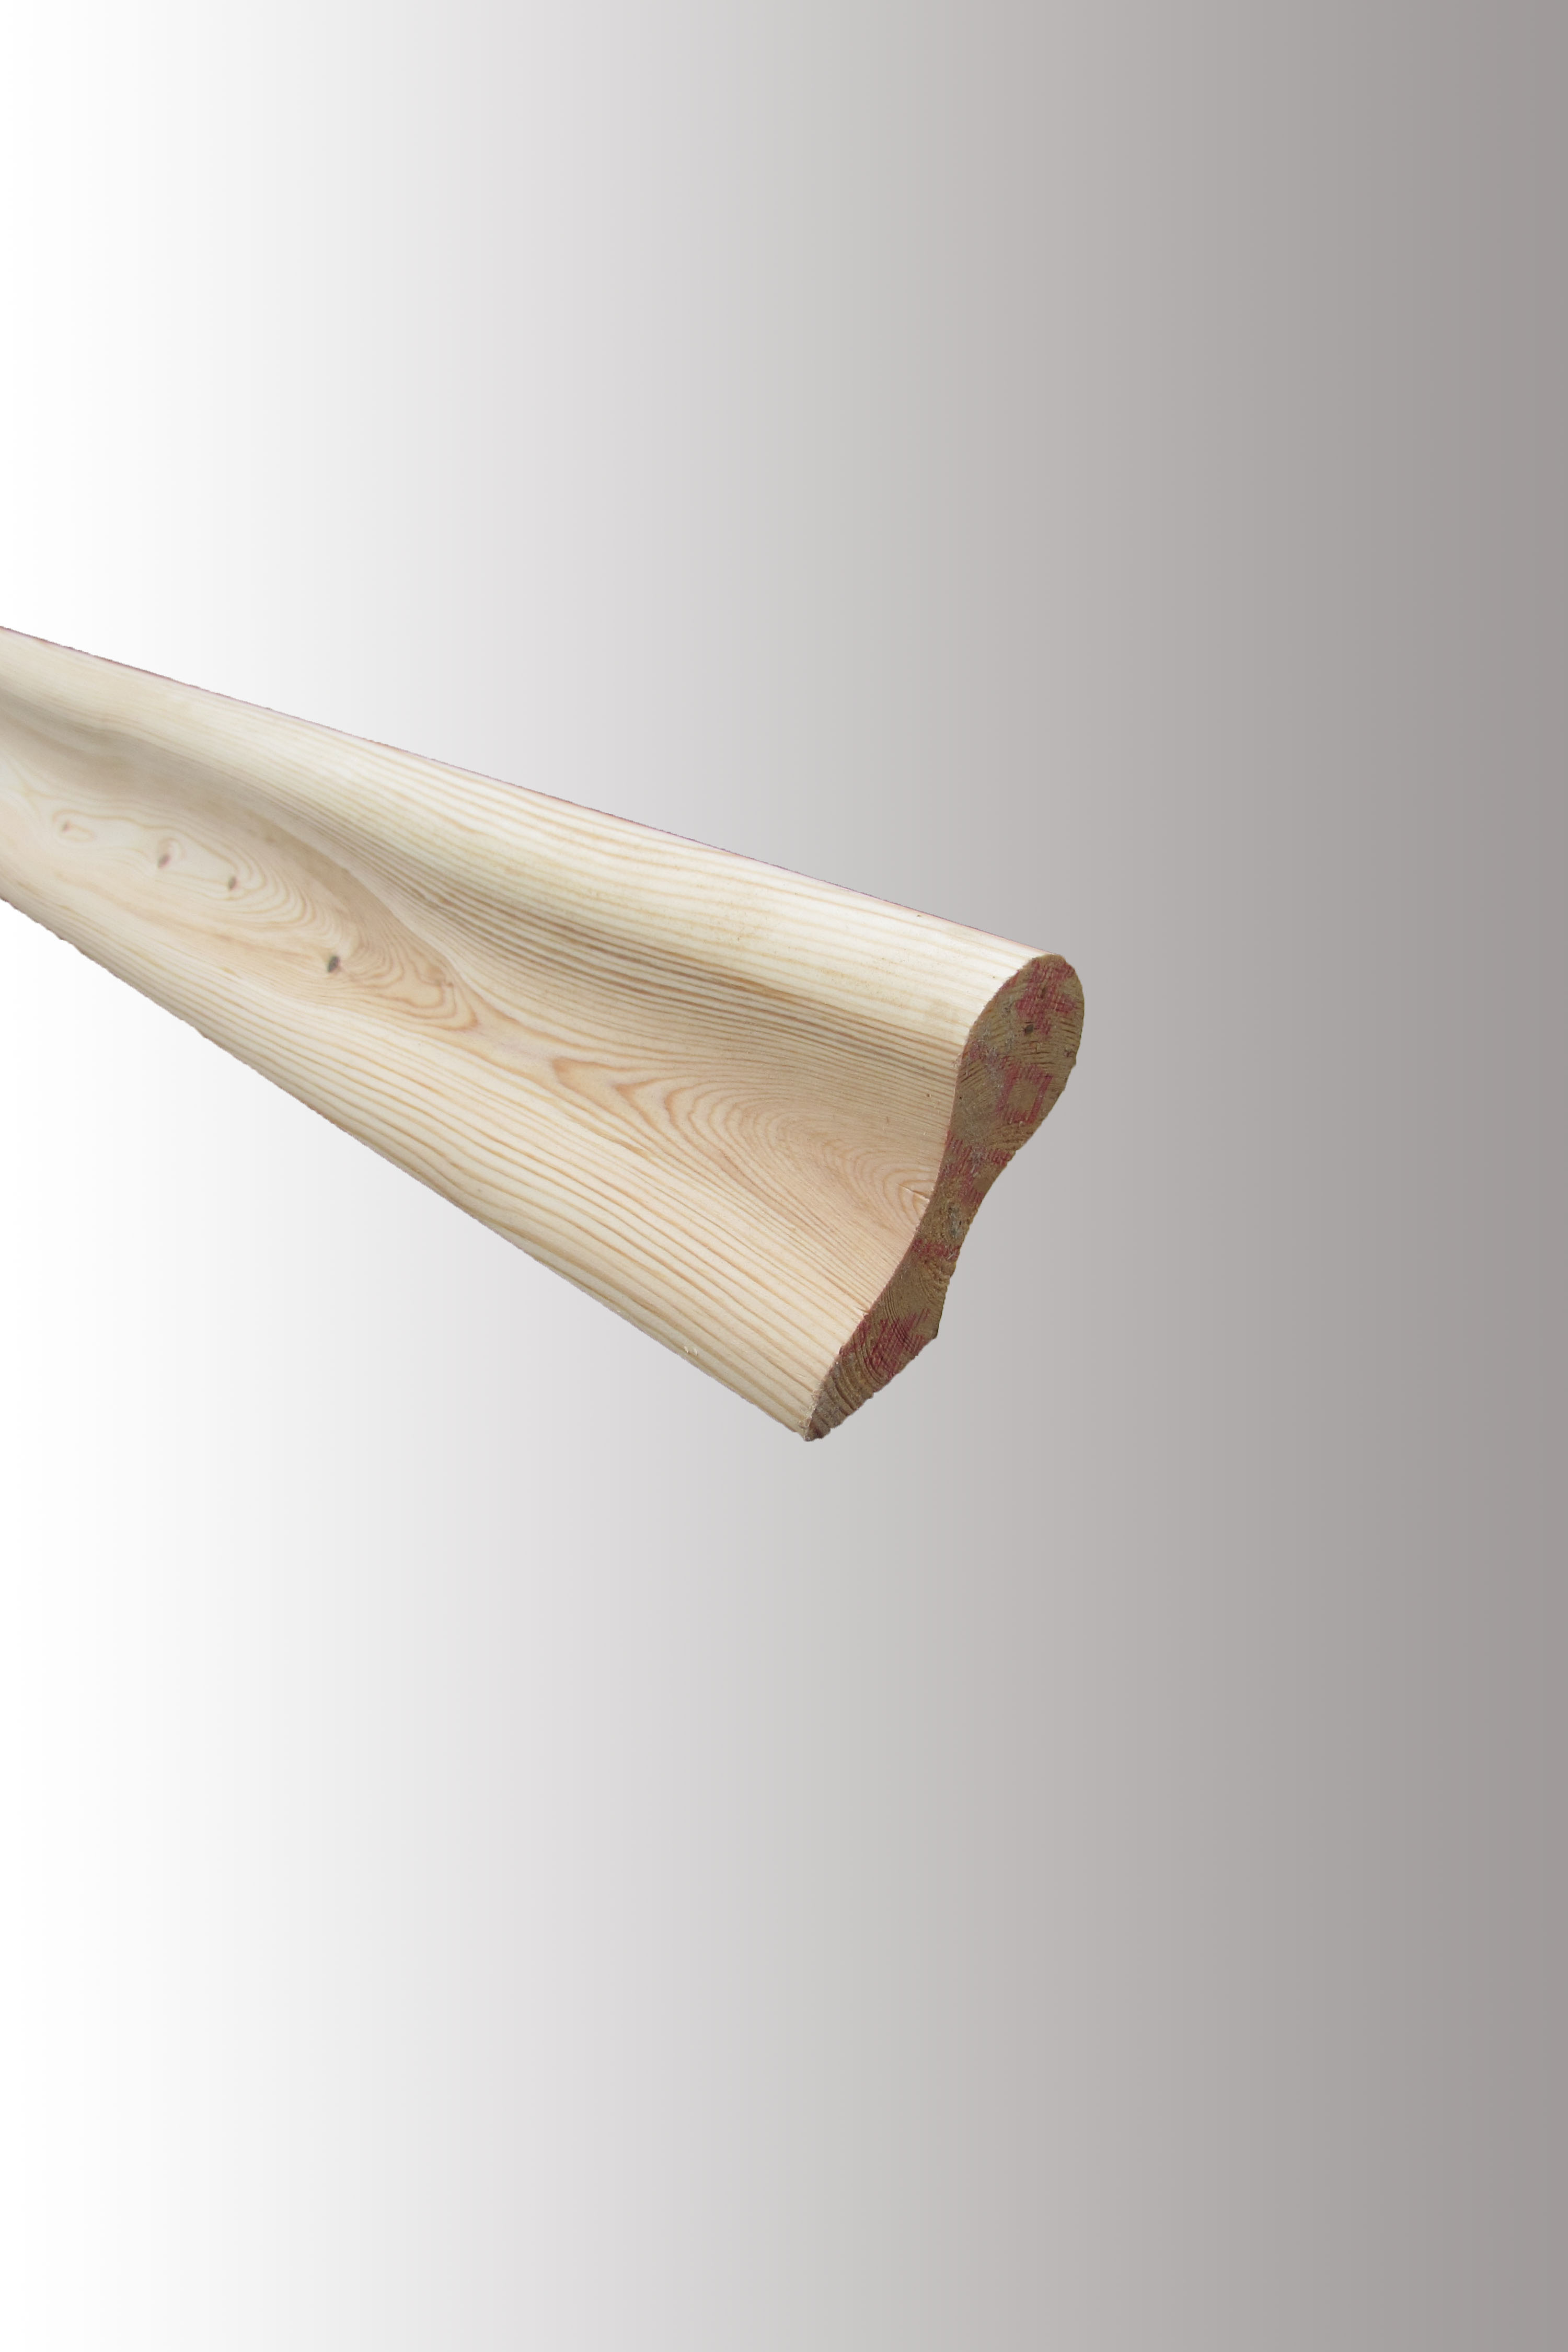 Pigs Ear Handrail Oak Or Pine Wall